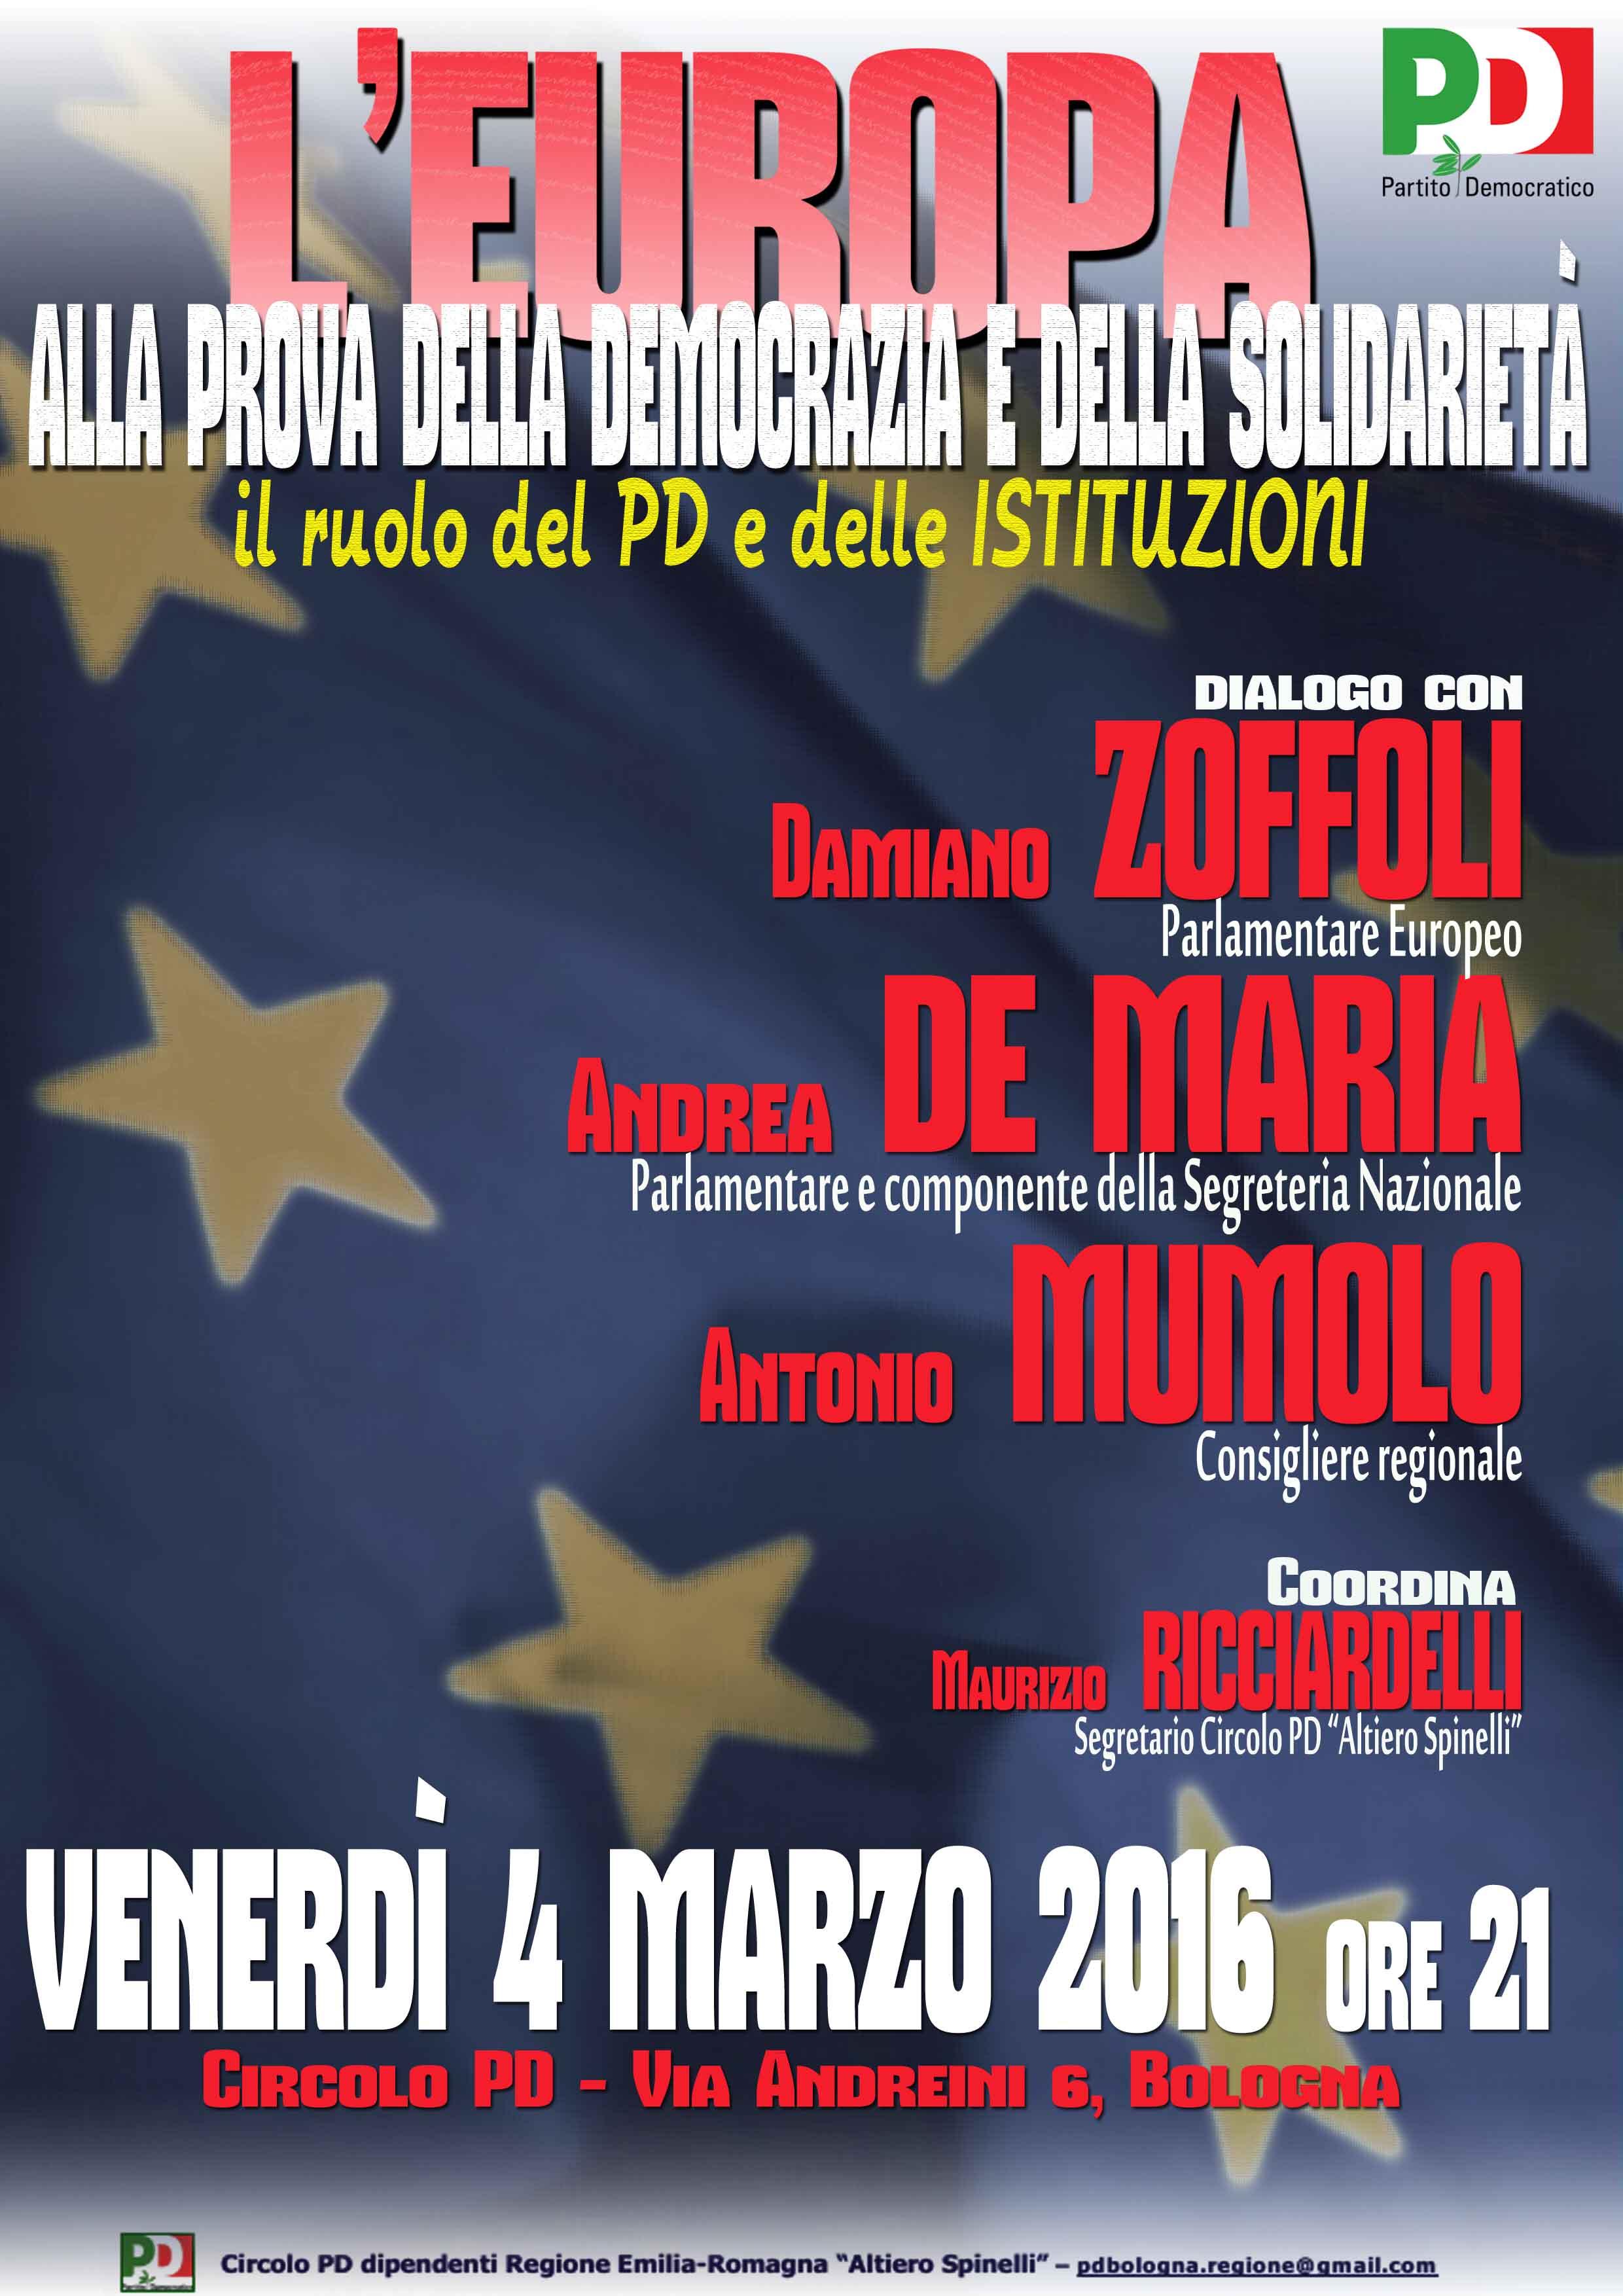 """04.03.16 Bologna. """"L'Europa alla prova della democrazia e della solidarietà"""""""